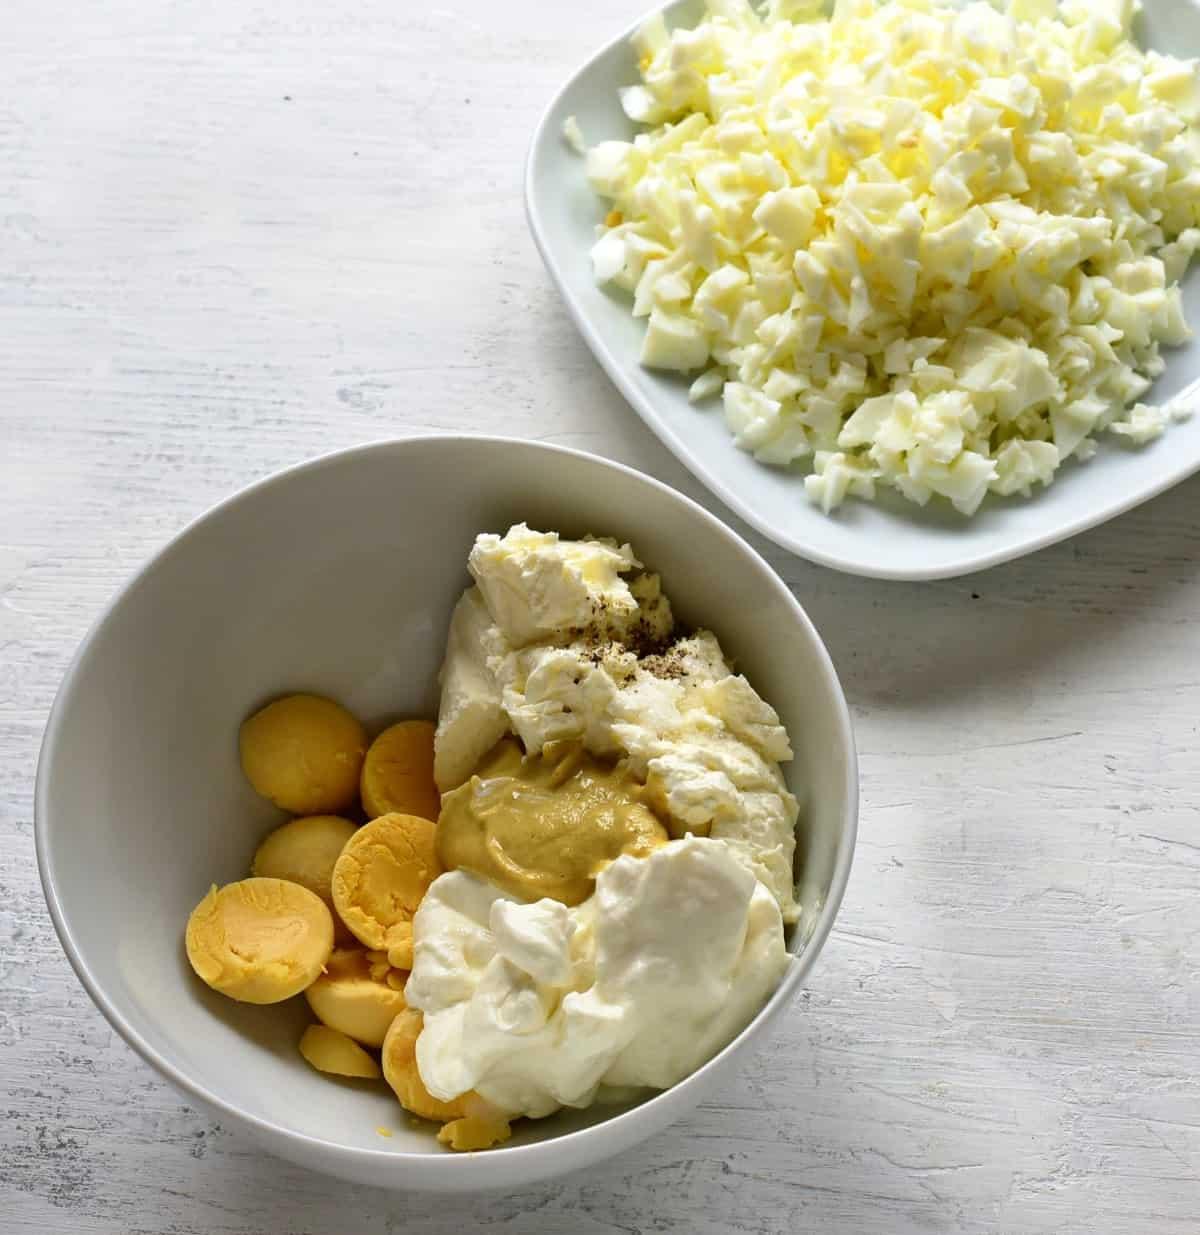 making egg salad